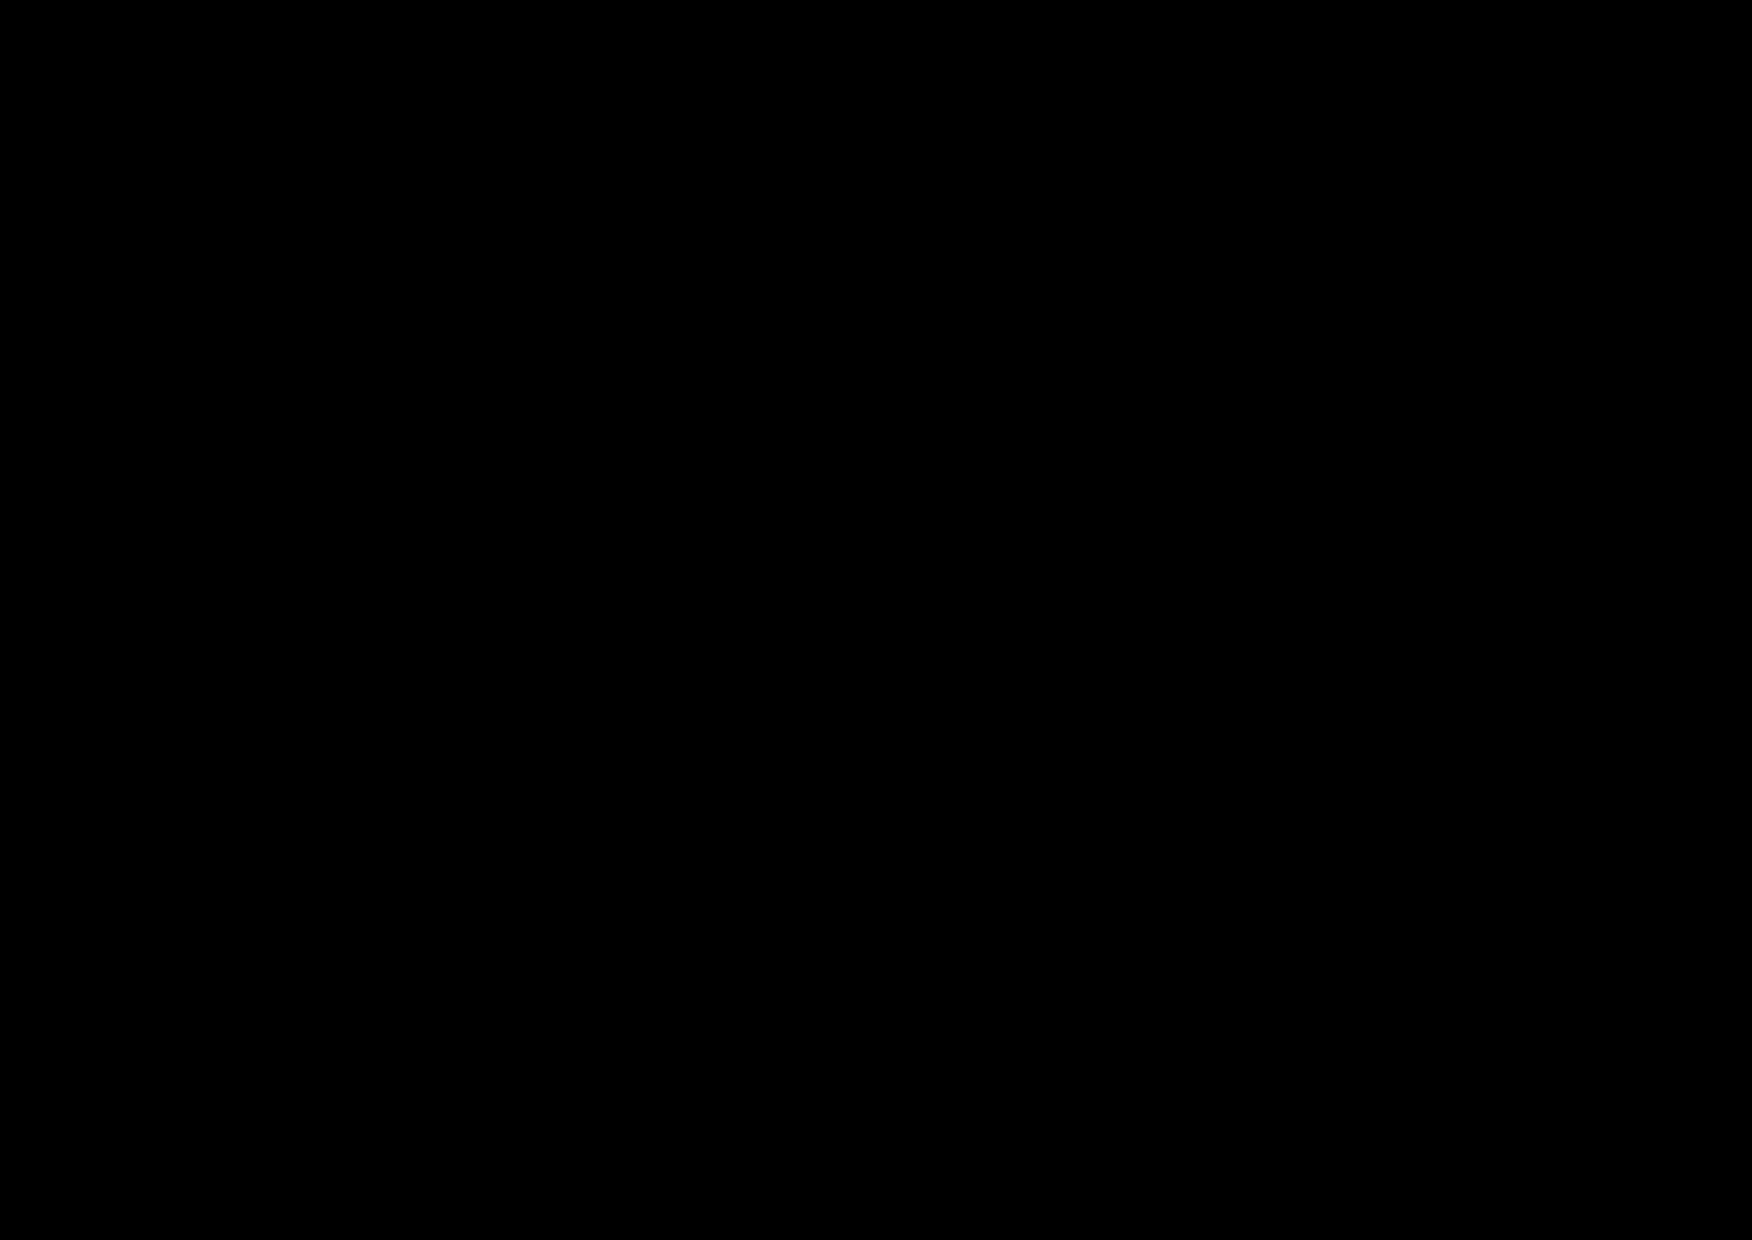 令和2年6月20日㈯21日㈰ 予約制住宅完成見学会(宇都宮市)開催